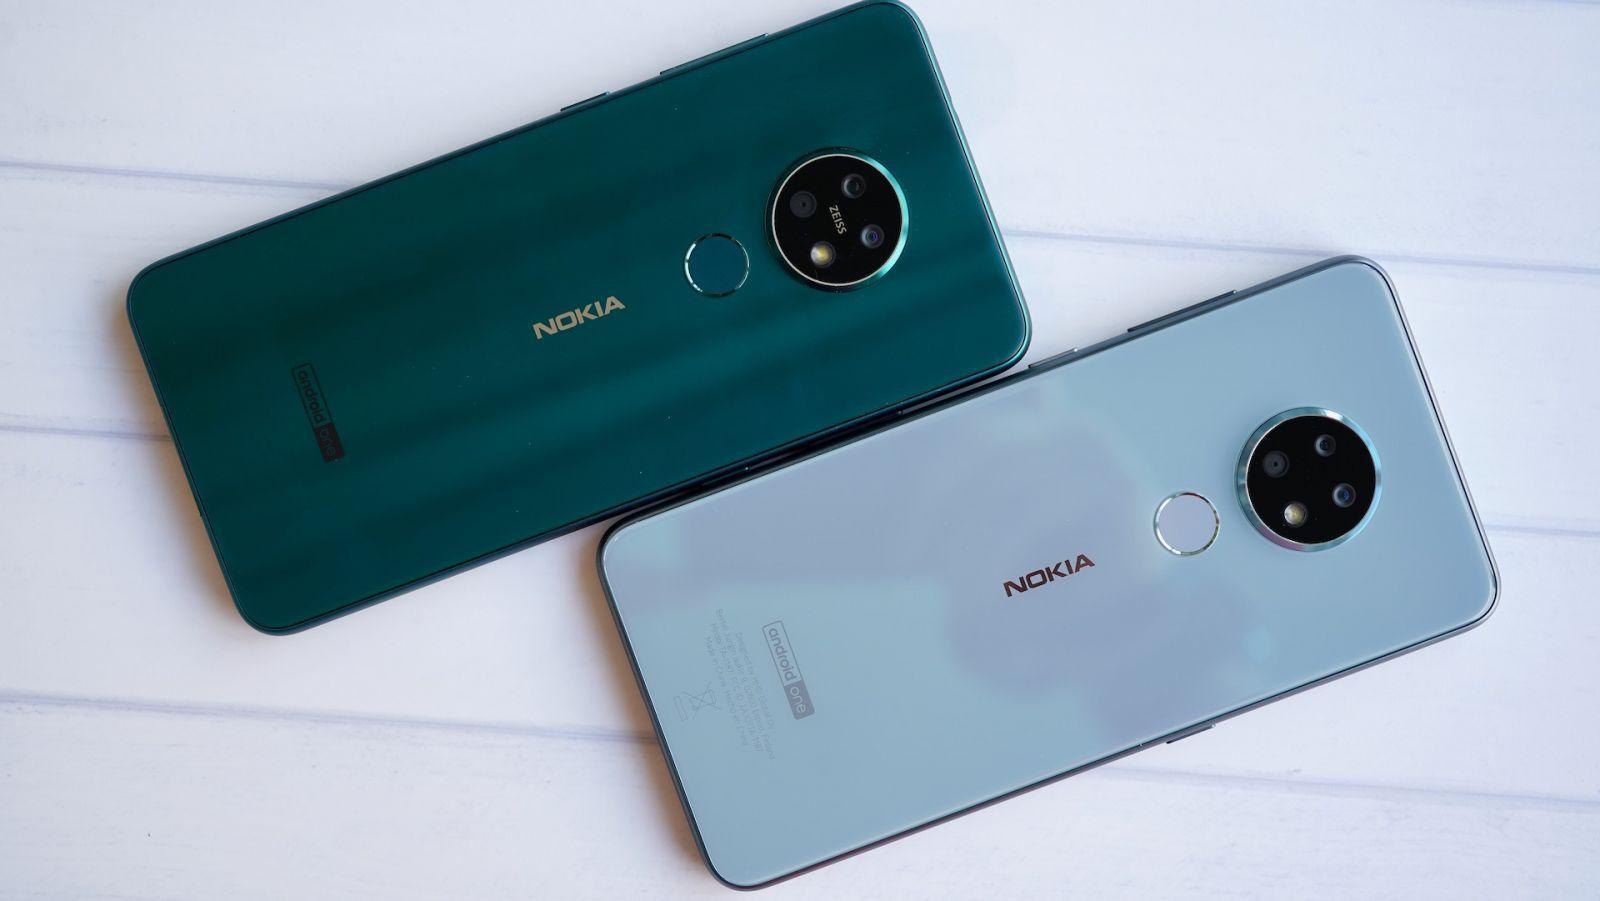 В России начались продажи смартфона Nokia 7.2 с увеличенным объемом памяти (nokia 7 2 and nokia 6 2)